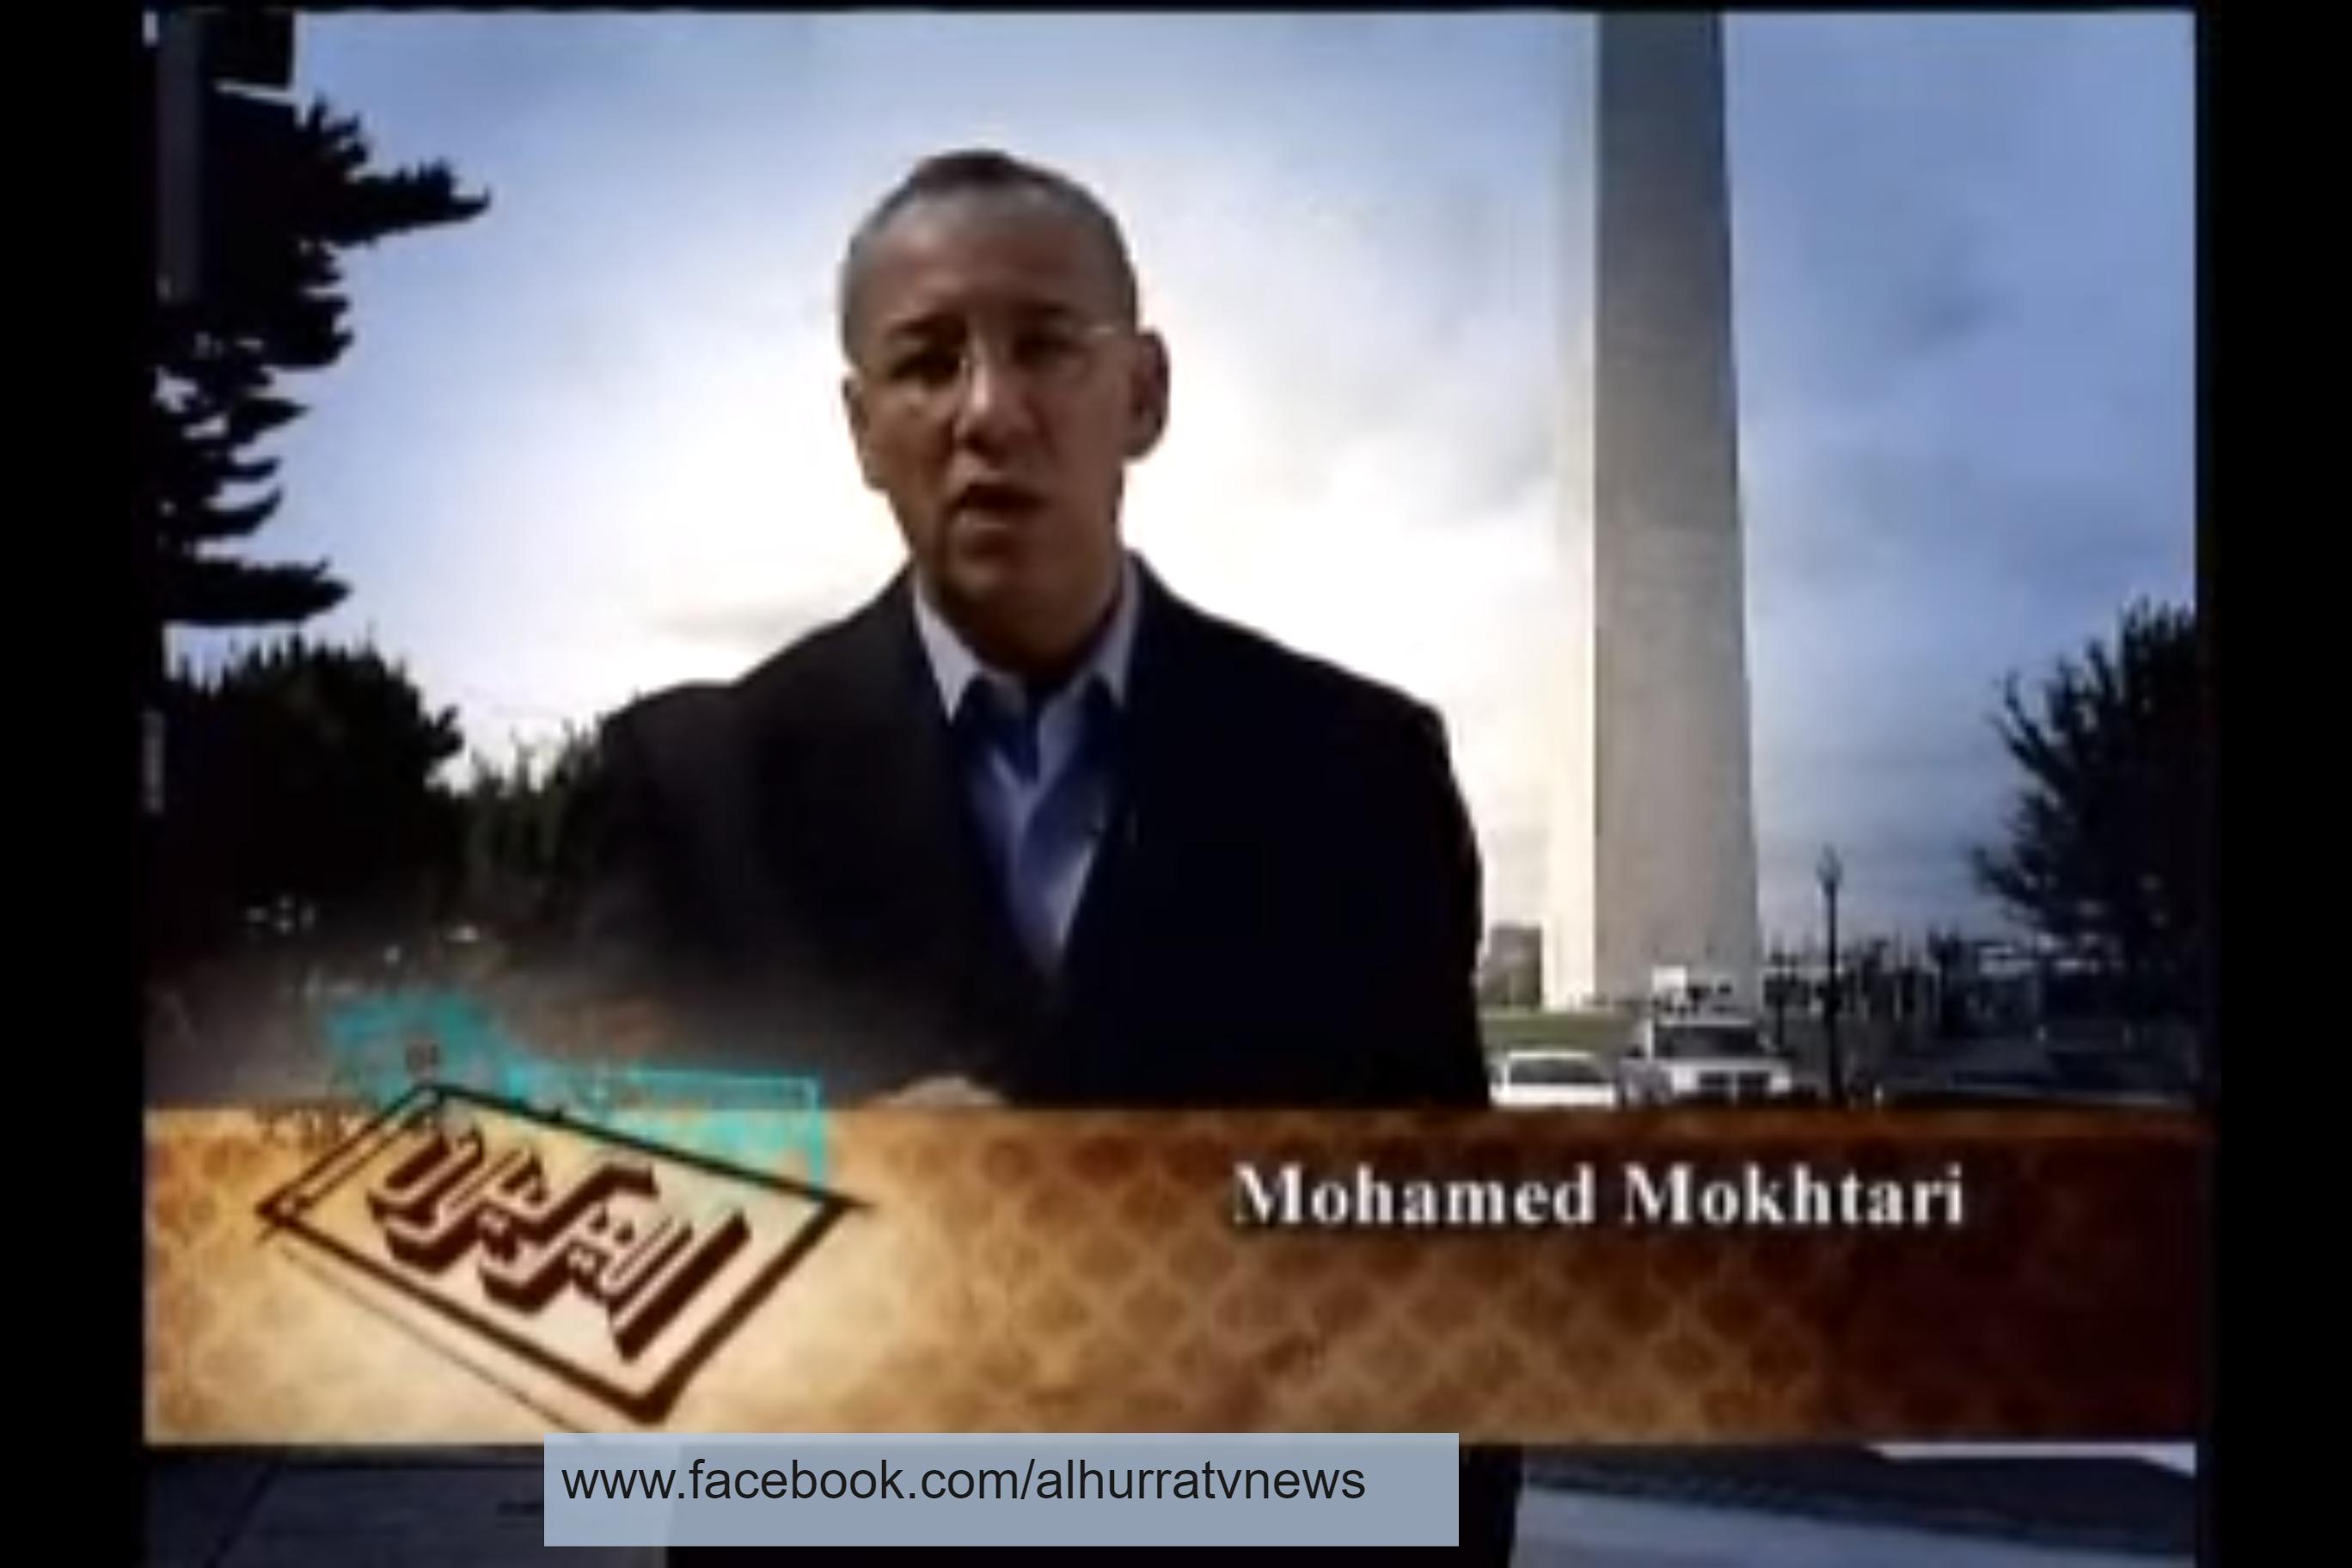 Mohamed Mokhtari